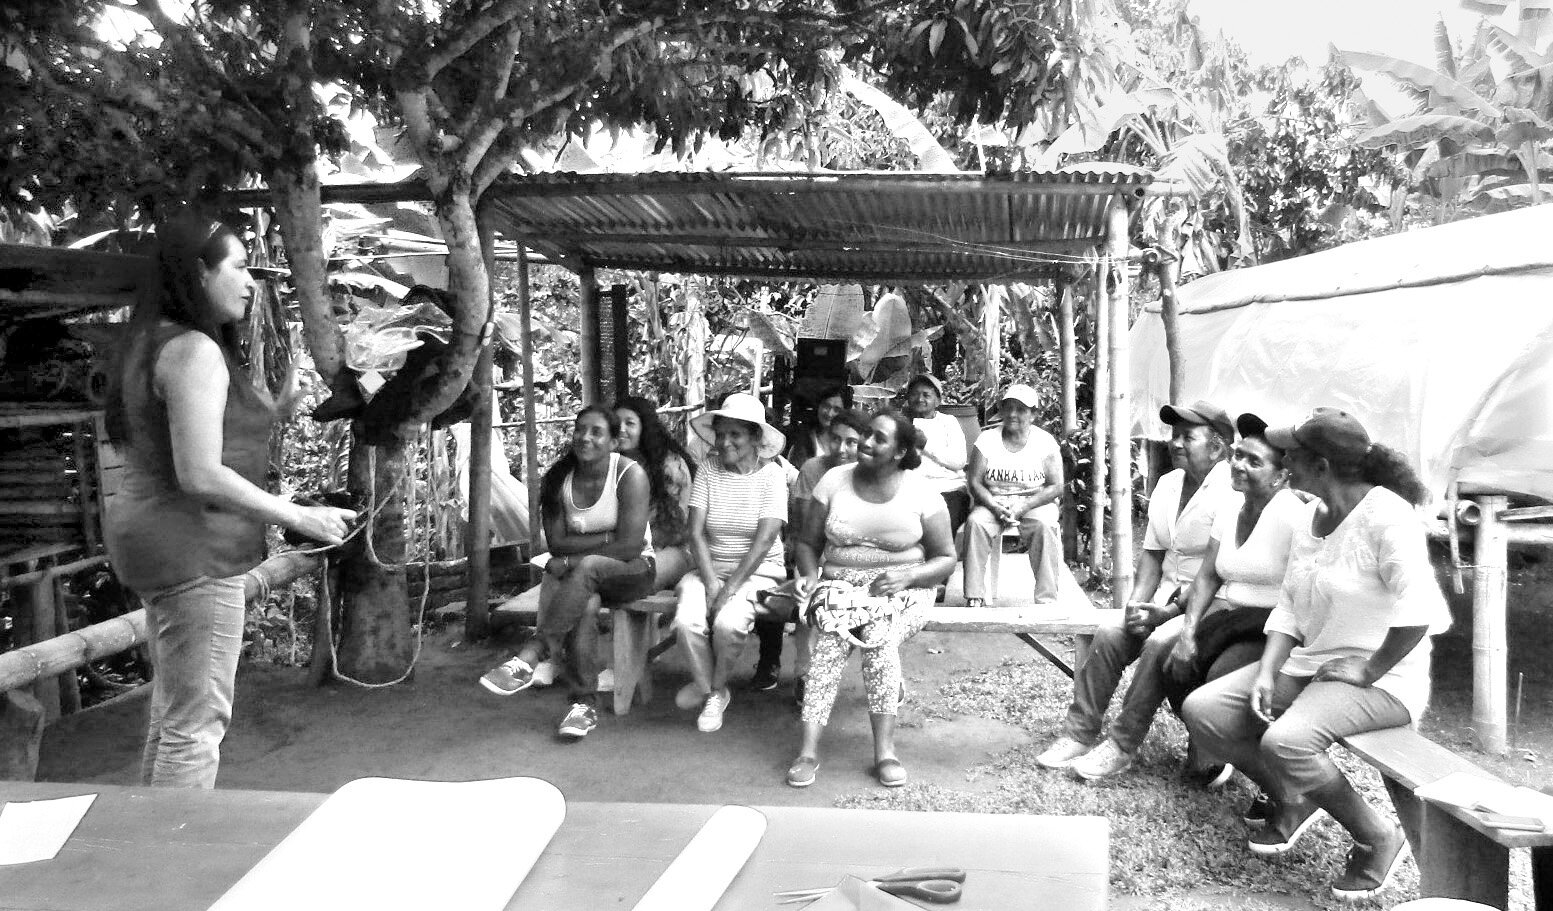 Réunies en ateliers, des femmes envisagent des moyens pour bannir la violence de leur existence. Photo : Mouvement des femmes de Cajibío